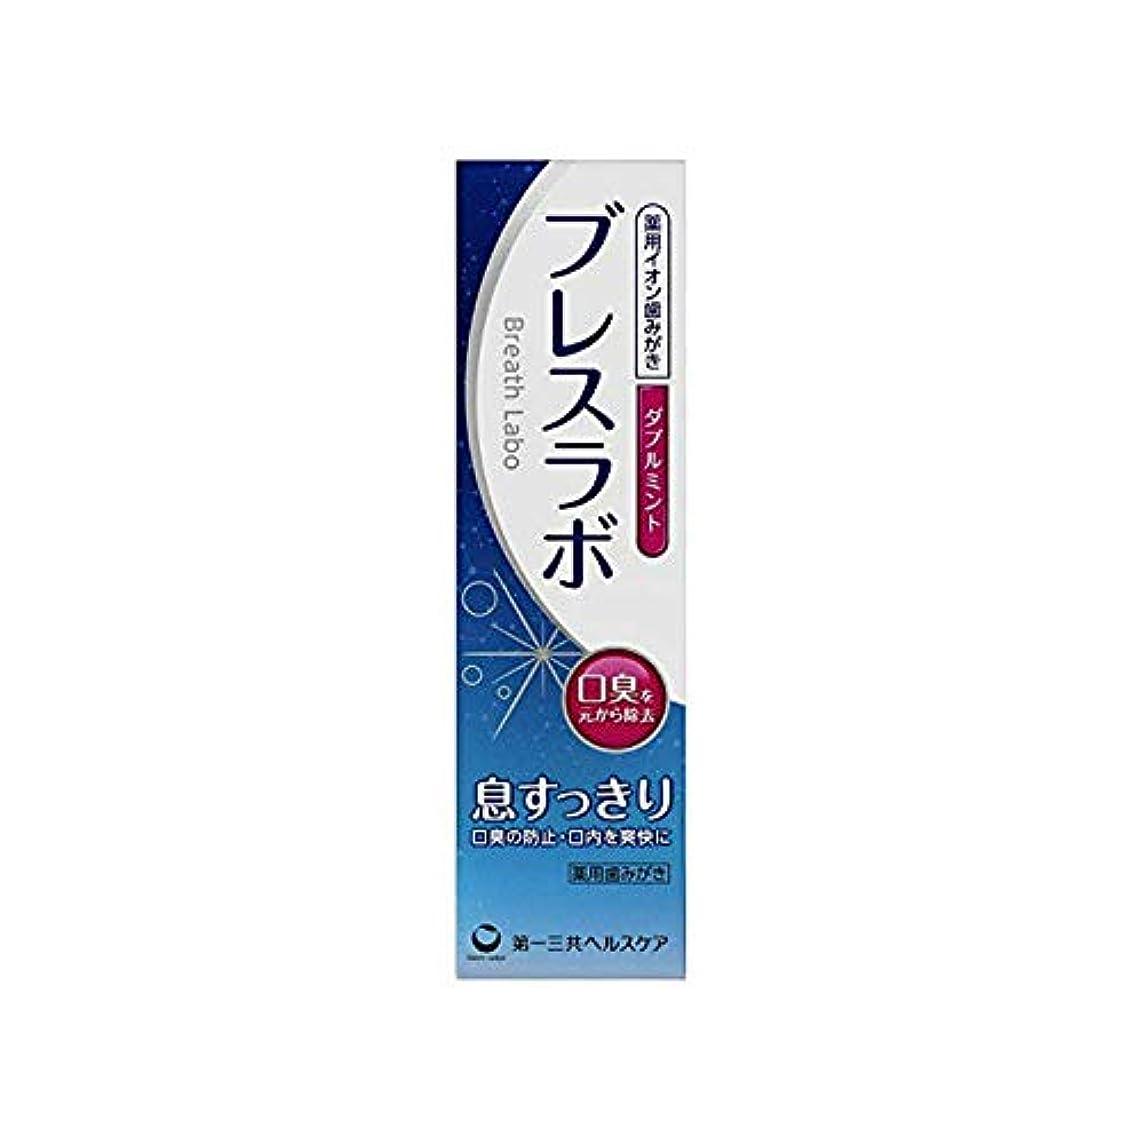 【5個セット】ブレスラボ ダブルミント 90g